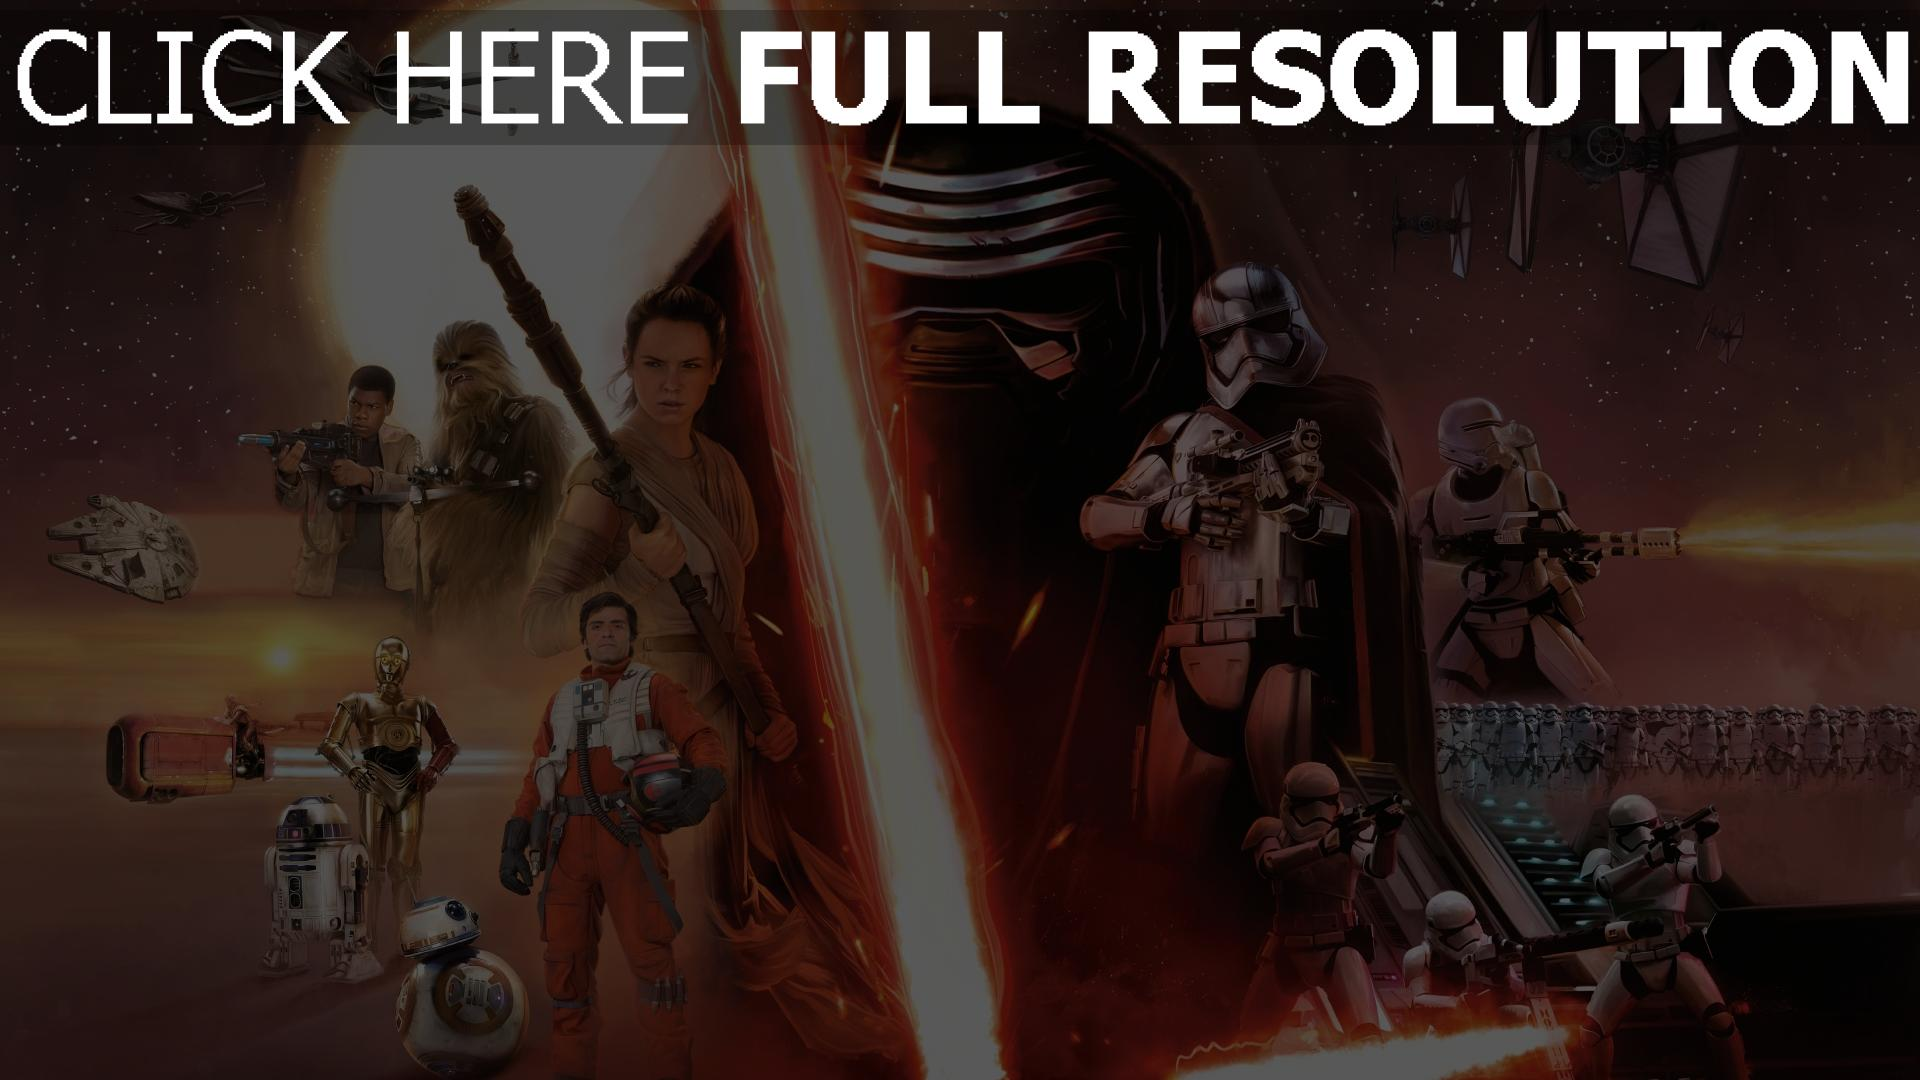 fond d'écran 1920x1080 star wars sabre laser personnages principaux